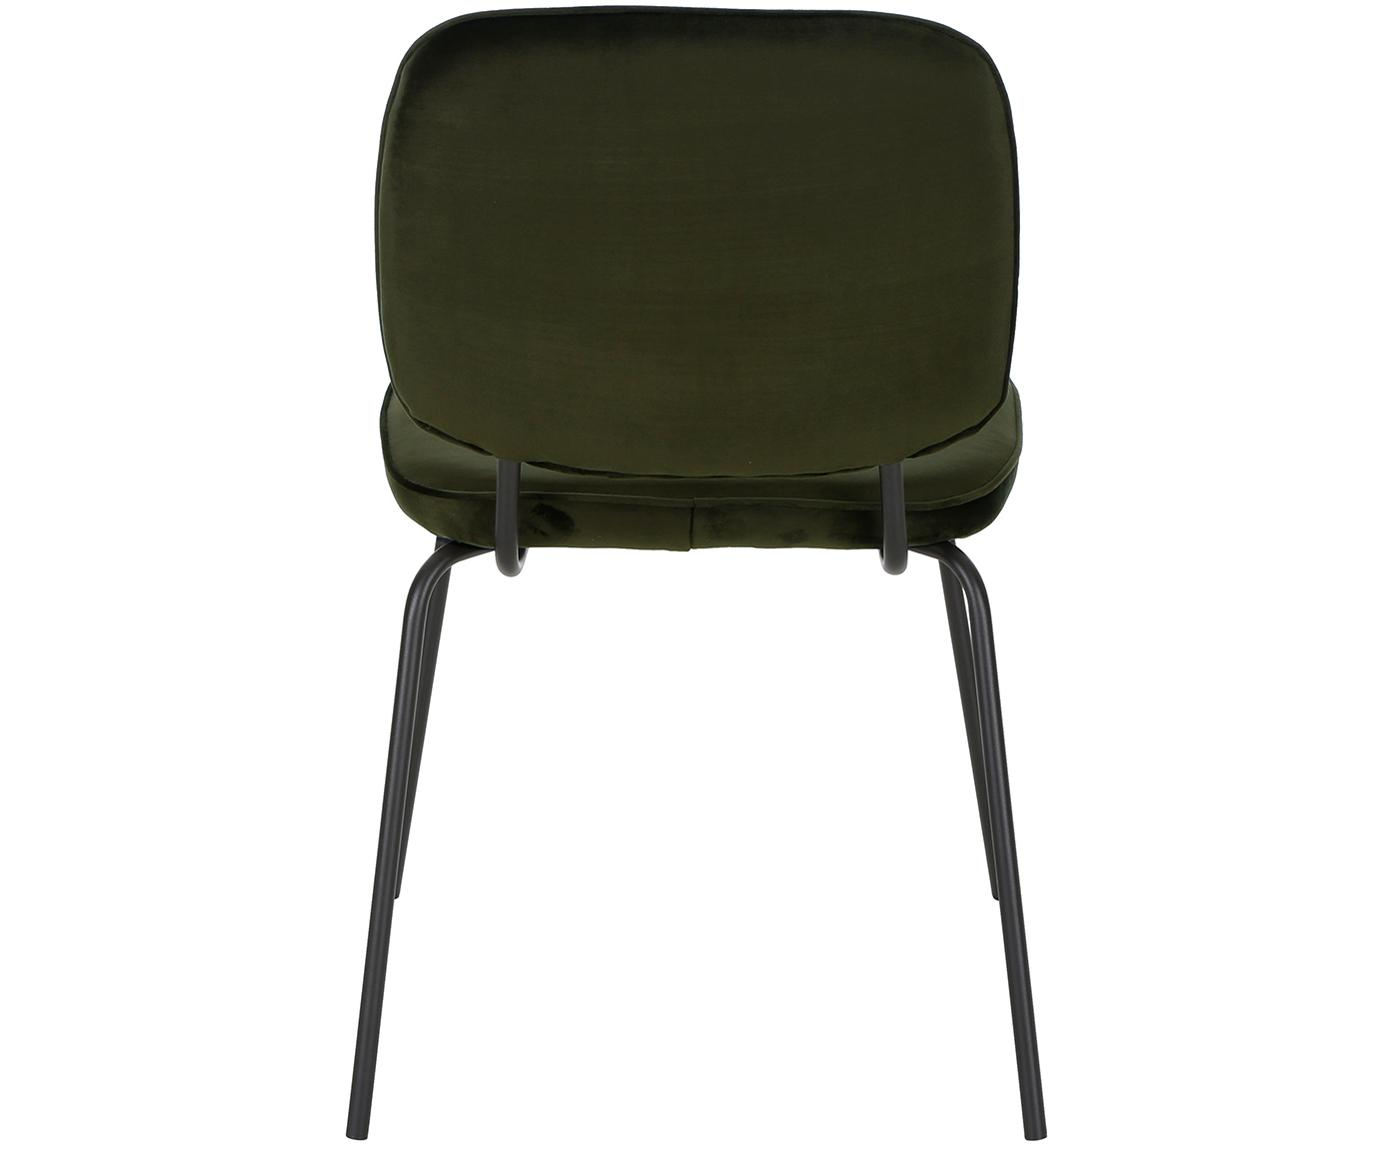 Krzesło tapicerowane z aksamitu Jasper, 2 szt., Tapicerka: aksamit (wysokiej jakości, Nogi: metal malowany proszkowo, Ciemny zielony, S 49 x G 57 cm